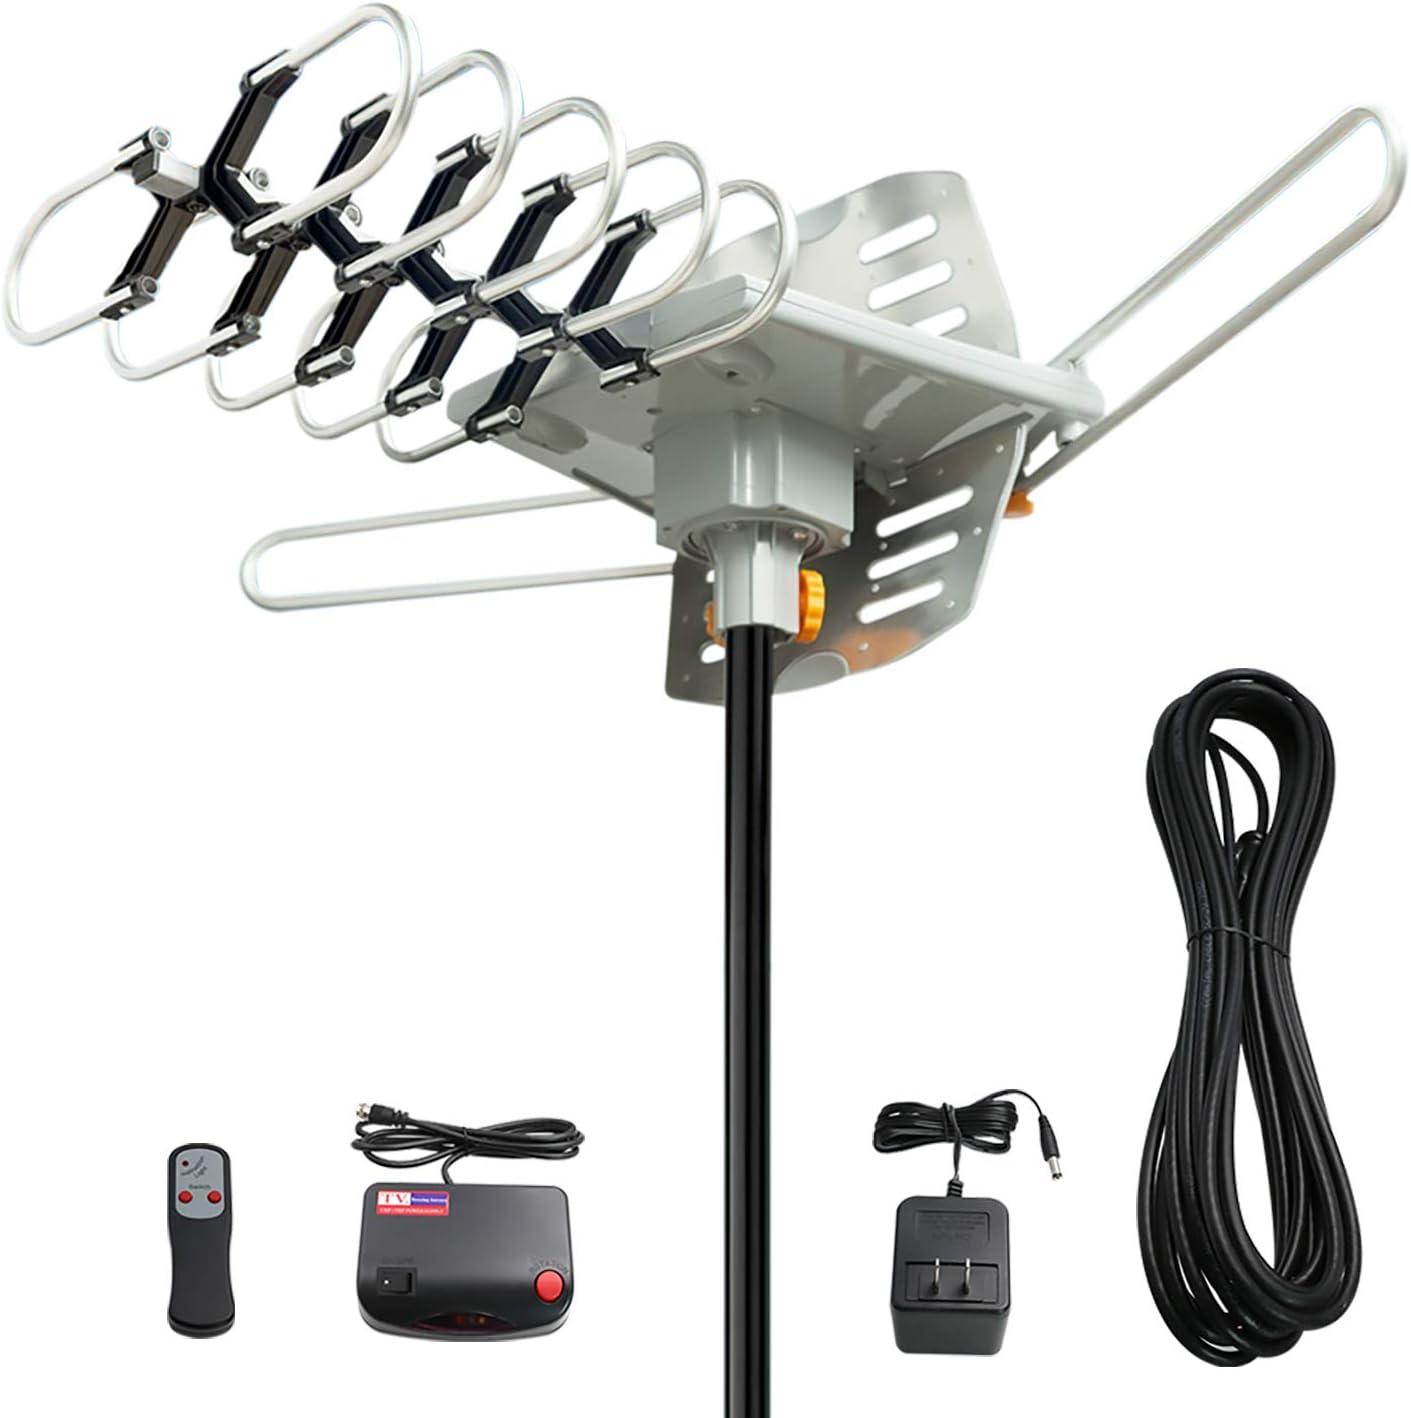 Antena de TV, Vansky exteriores amplificada HD Digital HDTV Antena 150 Mile motorizado gama 360 Degree rotación, mando a distancia inalámbrico de ...